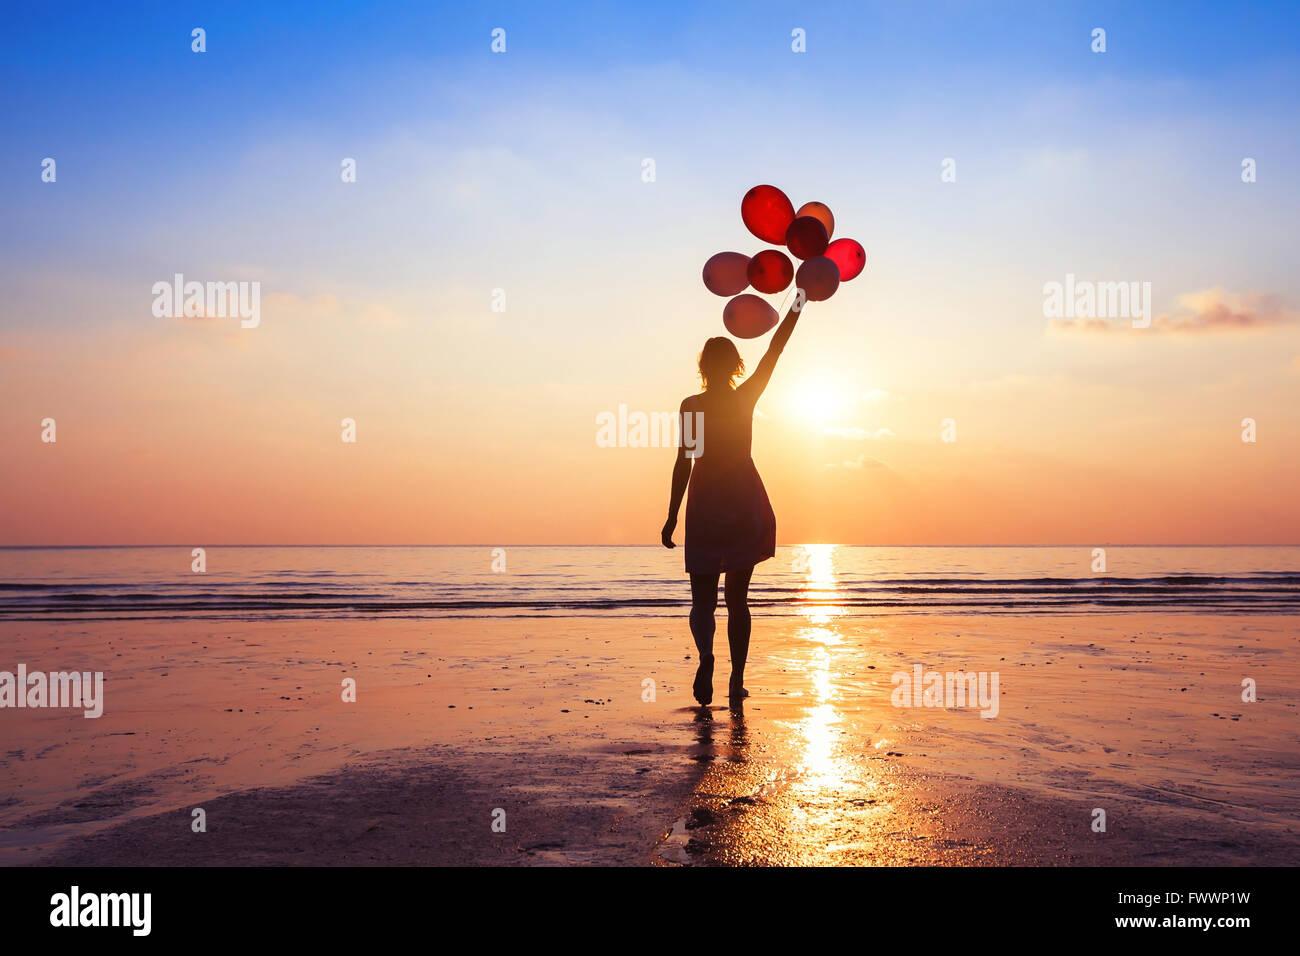 Motivation oder Hoffnung Konzept, folgen Sie Ihrem Traum und Inspiration, Mädchen mit Luftballons bei Sonnenuntergang Stockbild